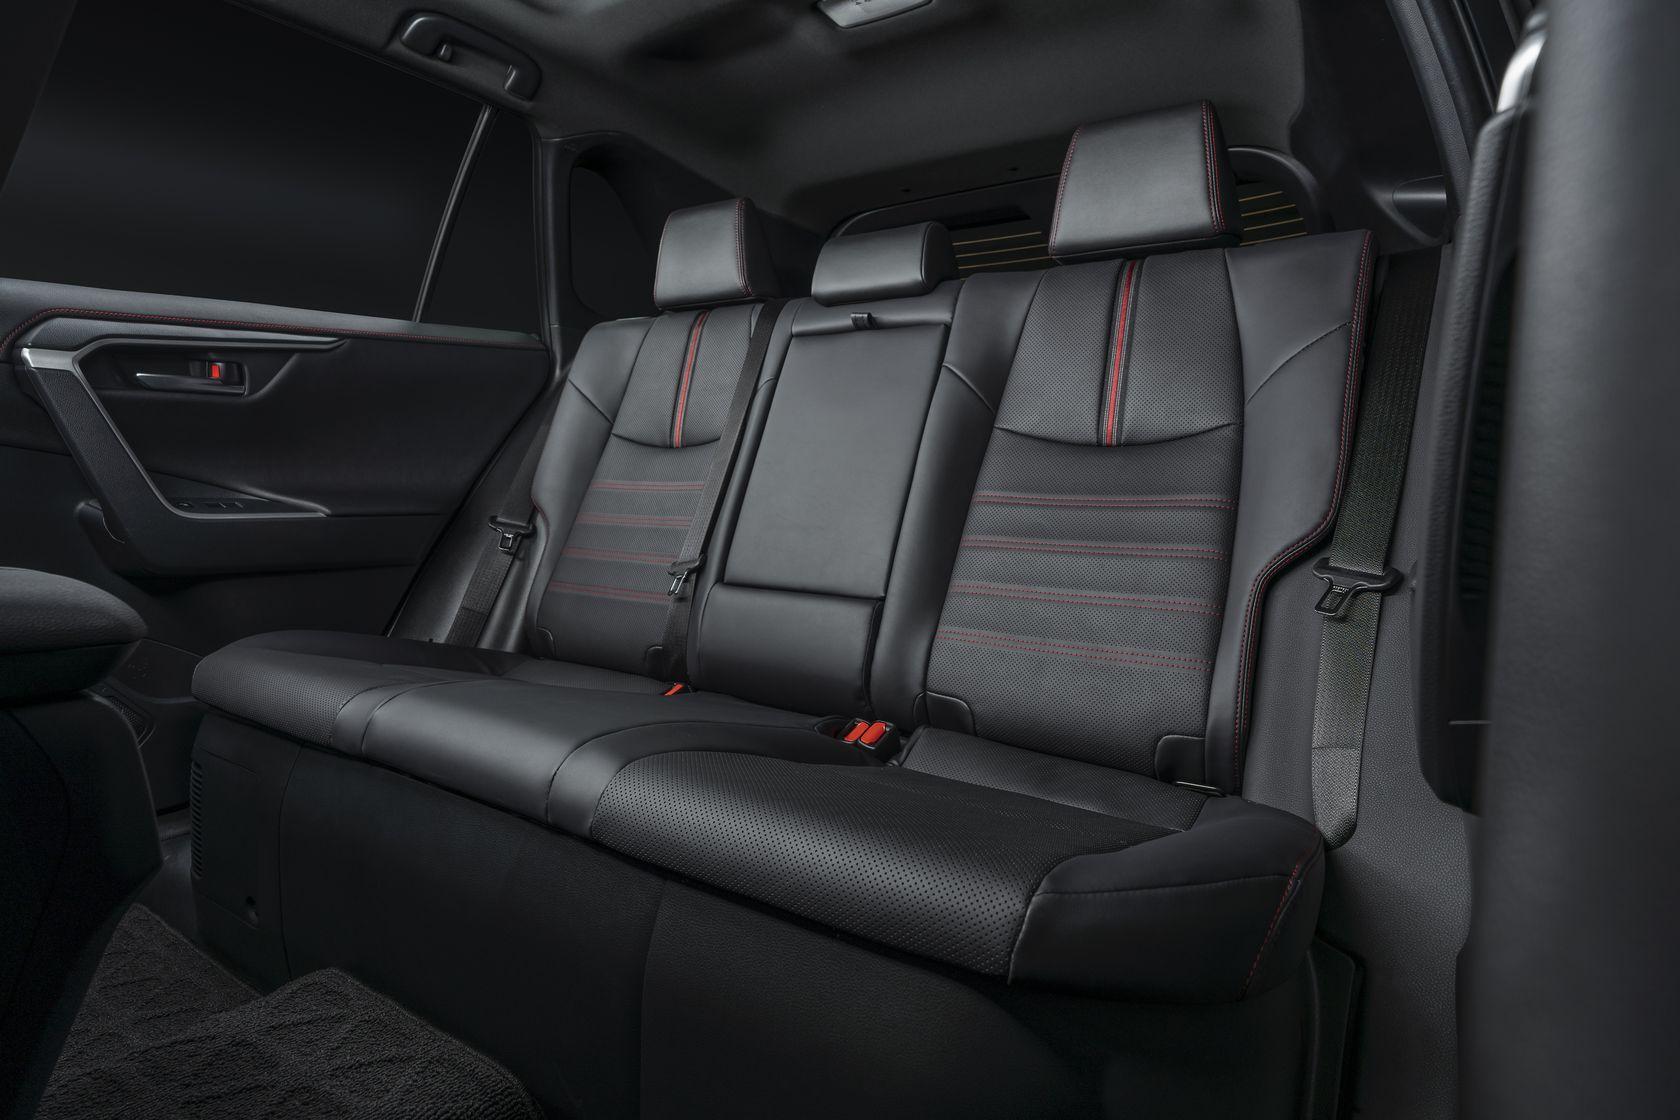 2021 RAV4-Prime Interior 07